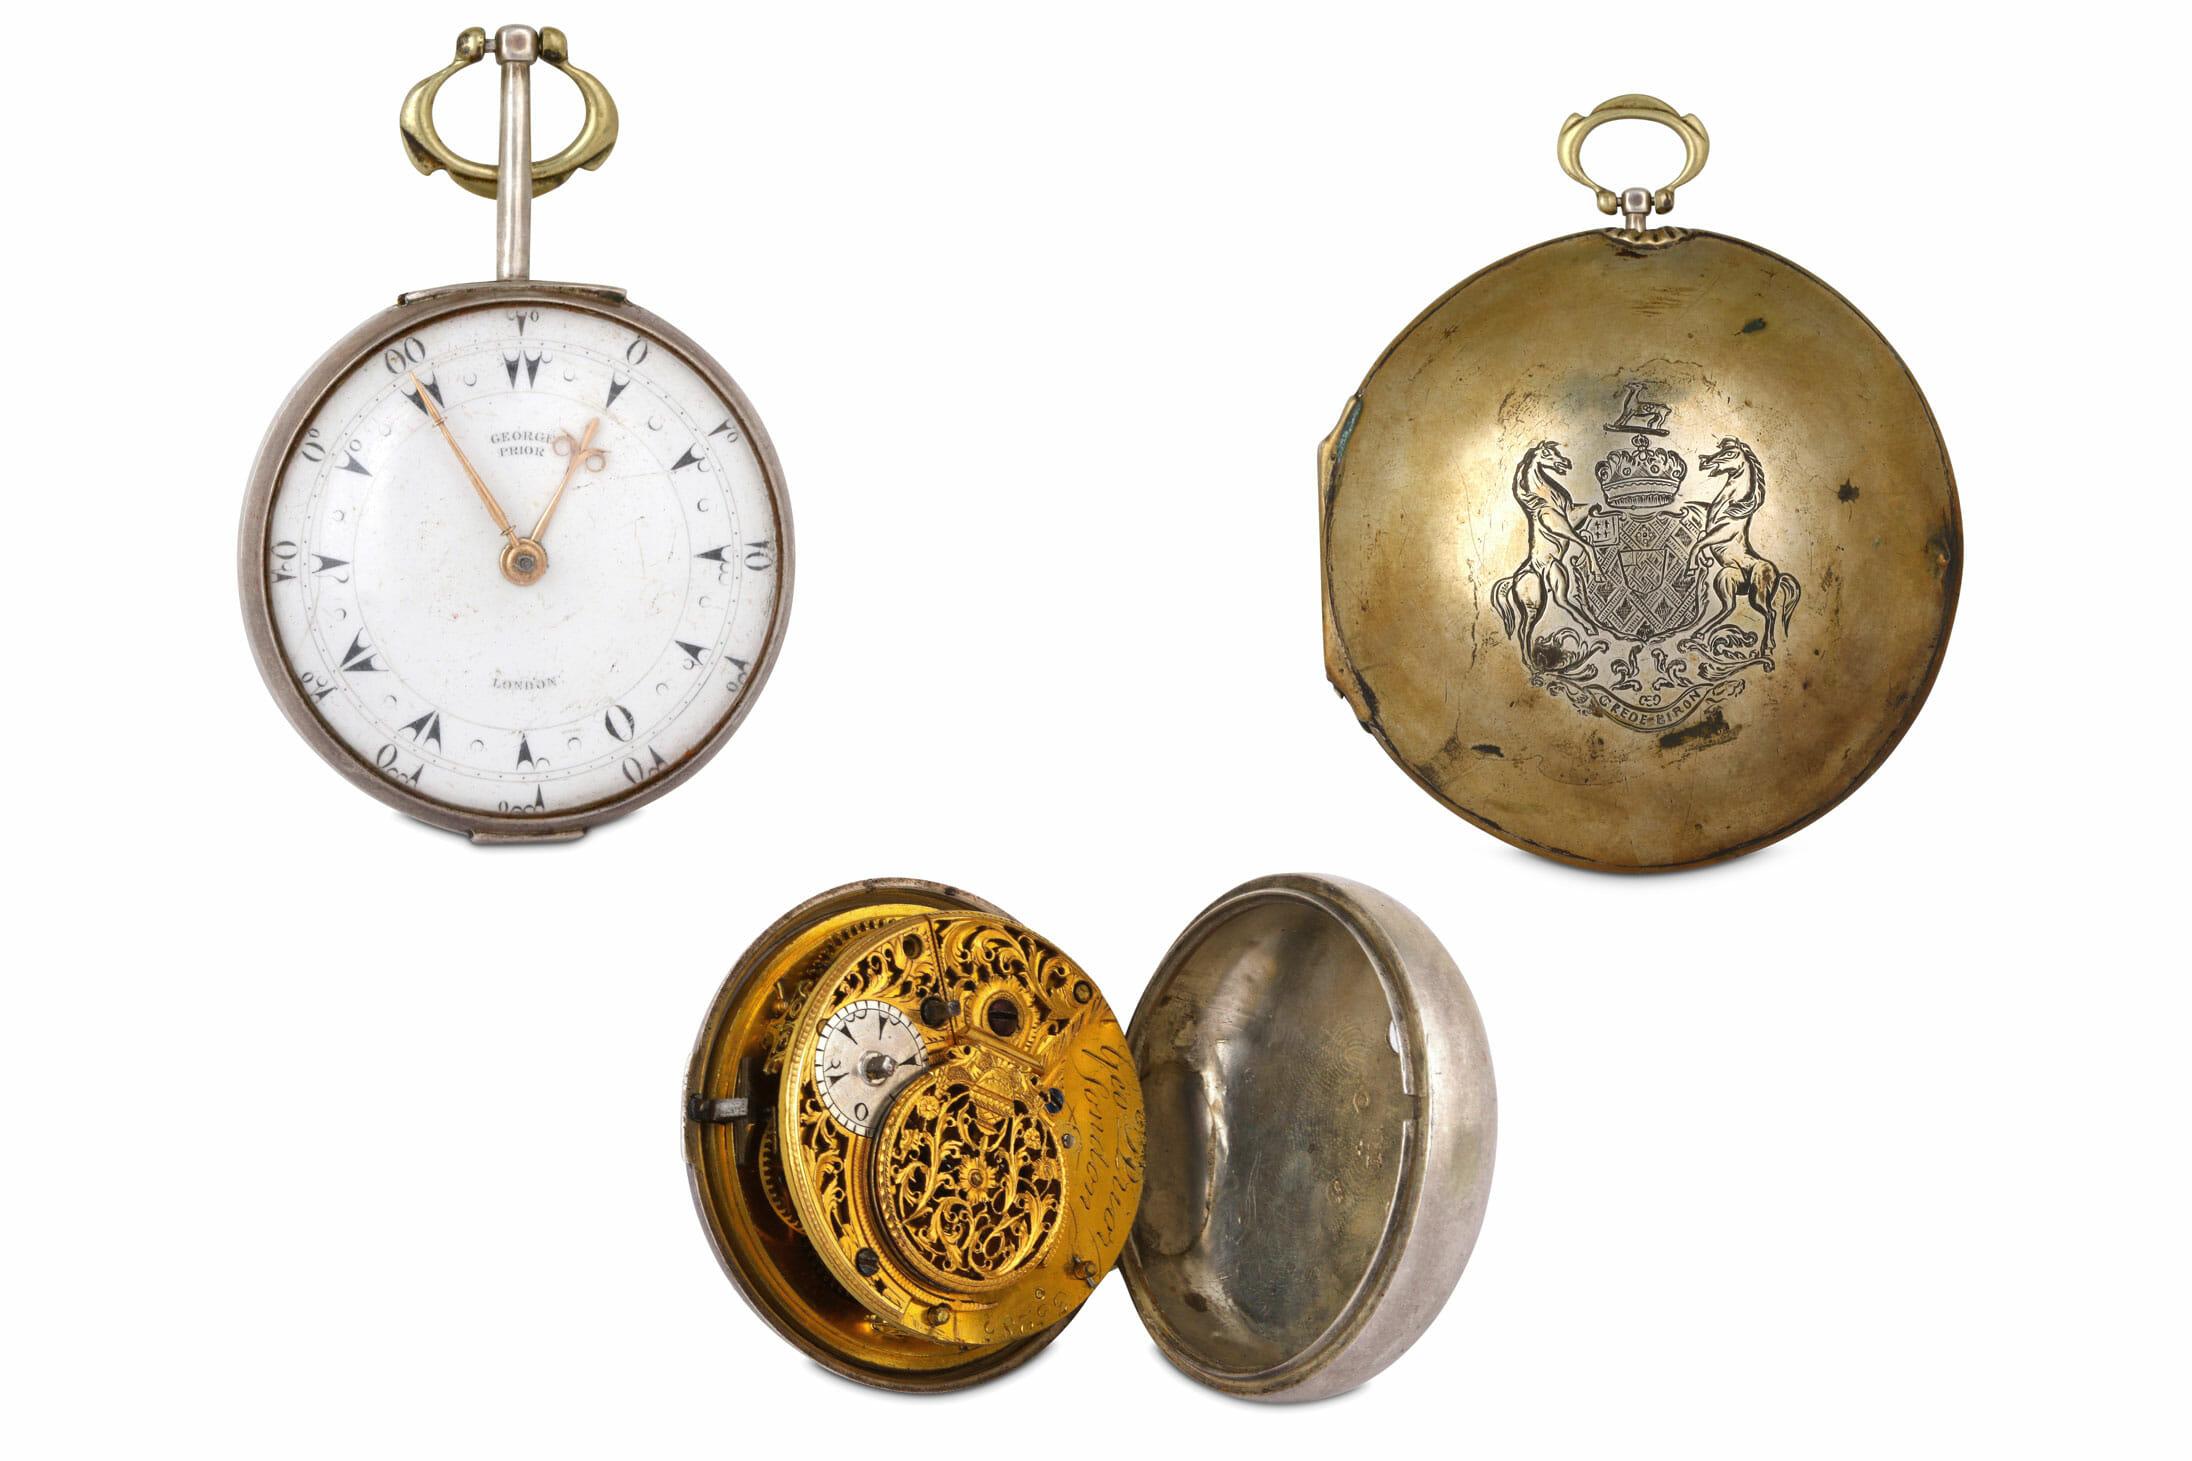 Σε δημοπρασία σπάνια αντικείμενα, κοσμήματα και έργα τέχνης του Λόρδου Βύρωνα